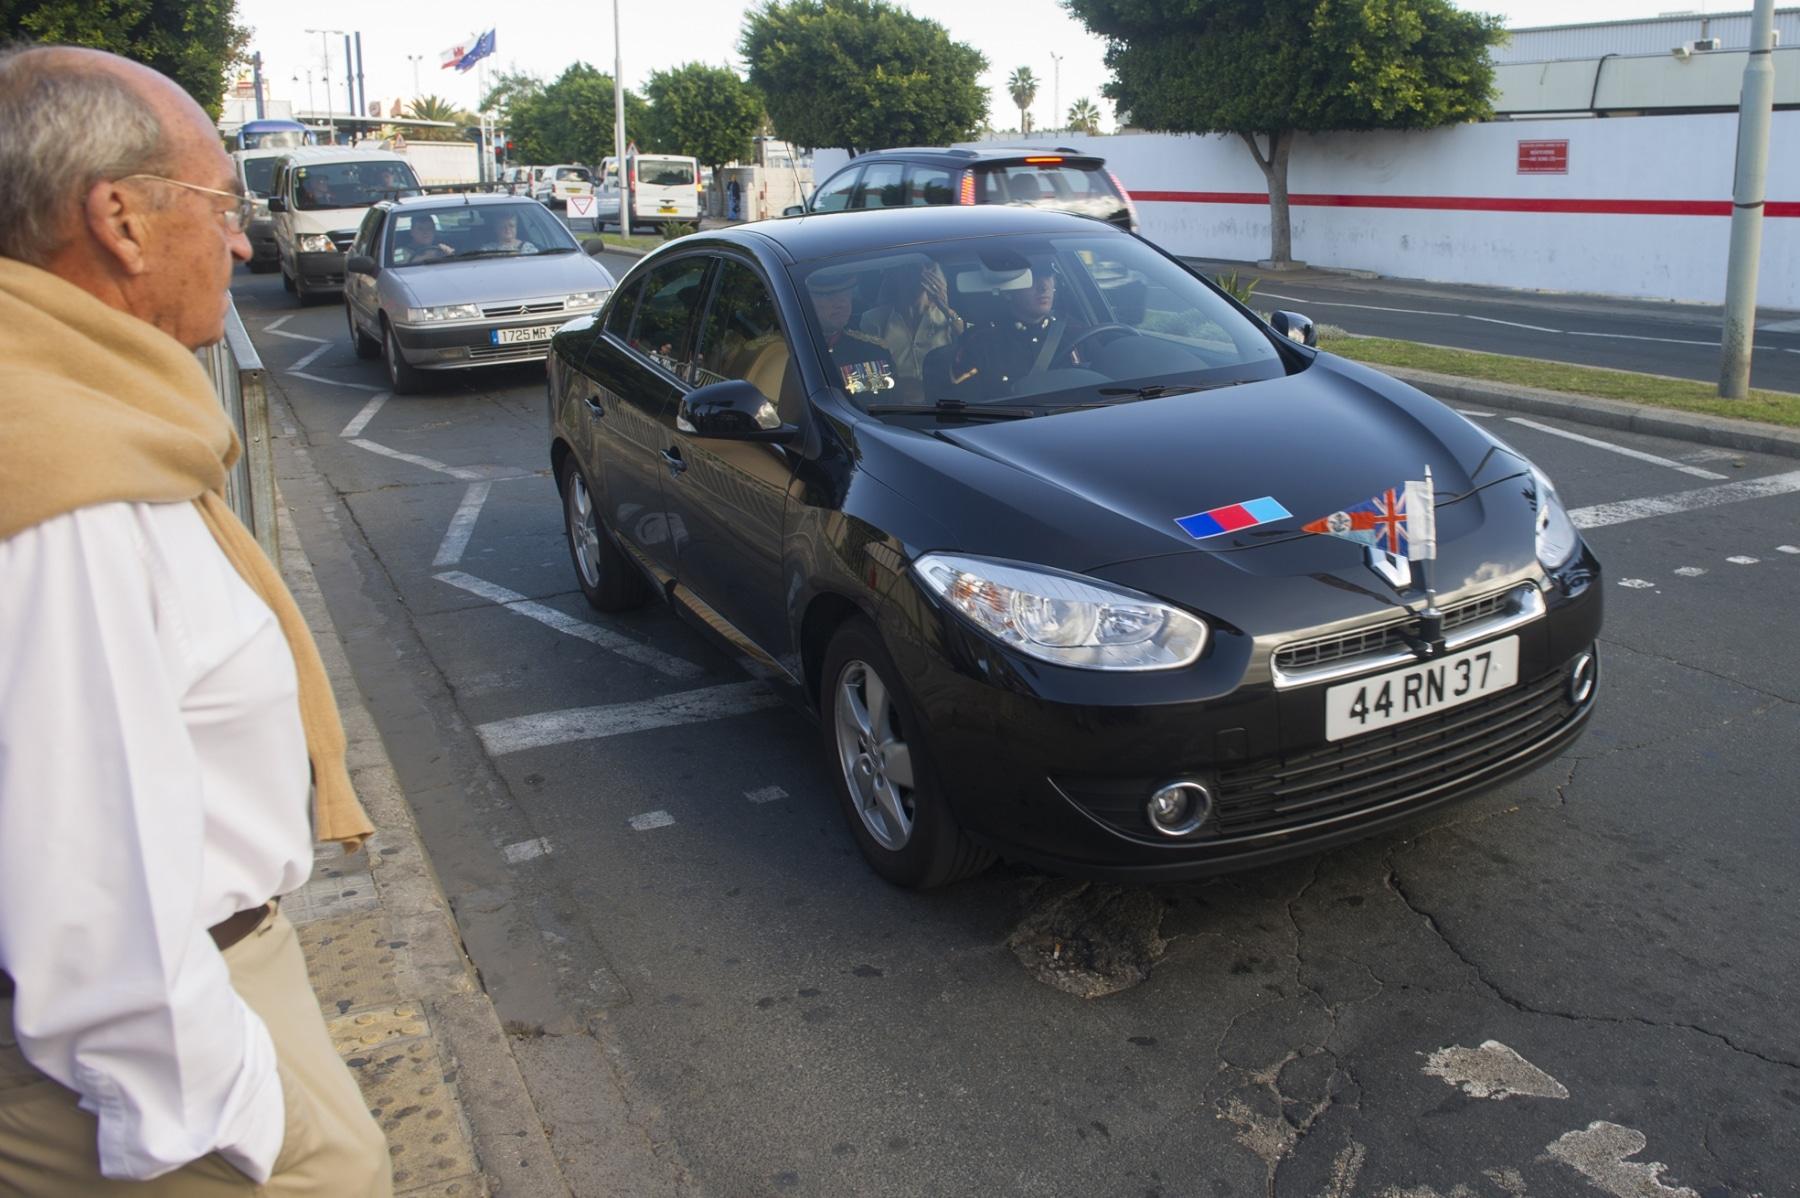 despedida-del-gobernador-de-gibraltar-13112013-marcos-moreno01_10967346103_o